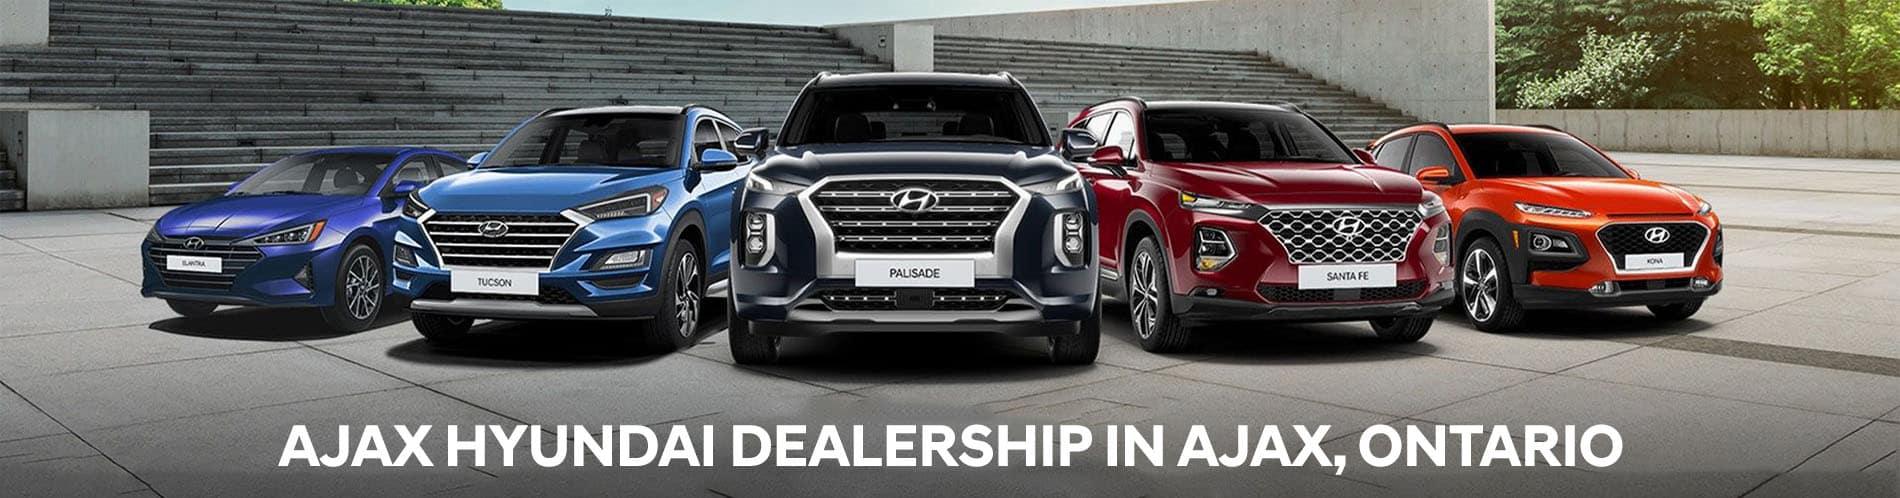 Ajax Hyundai Located in Ajax Ontario